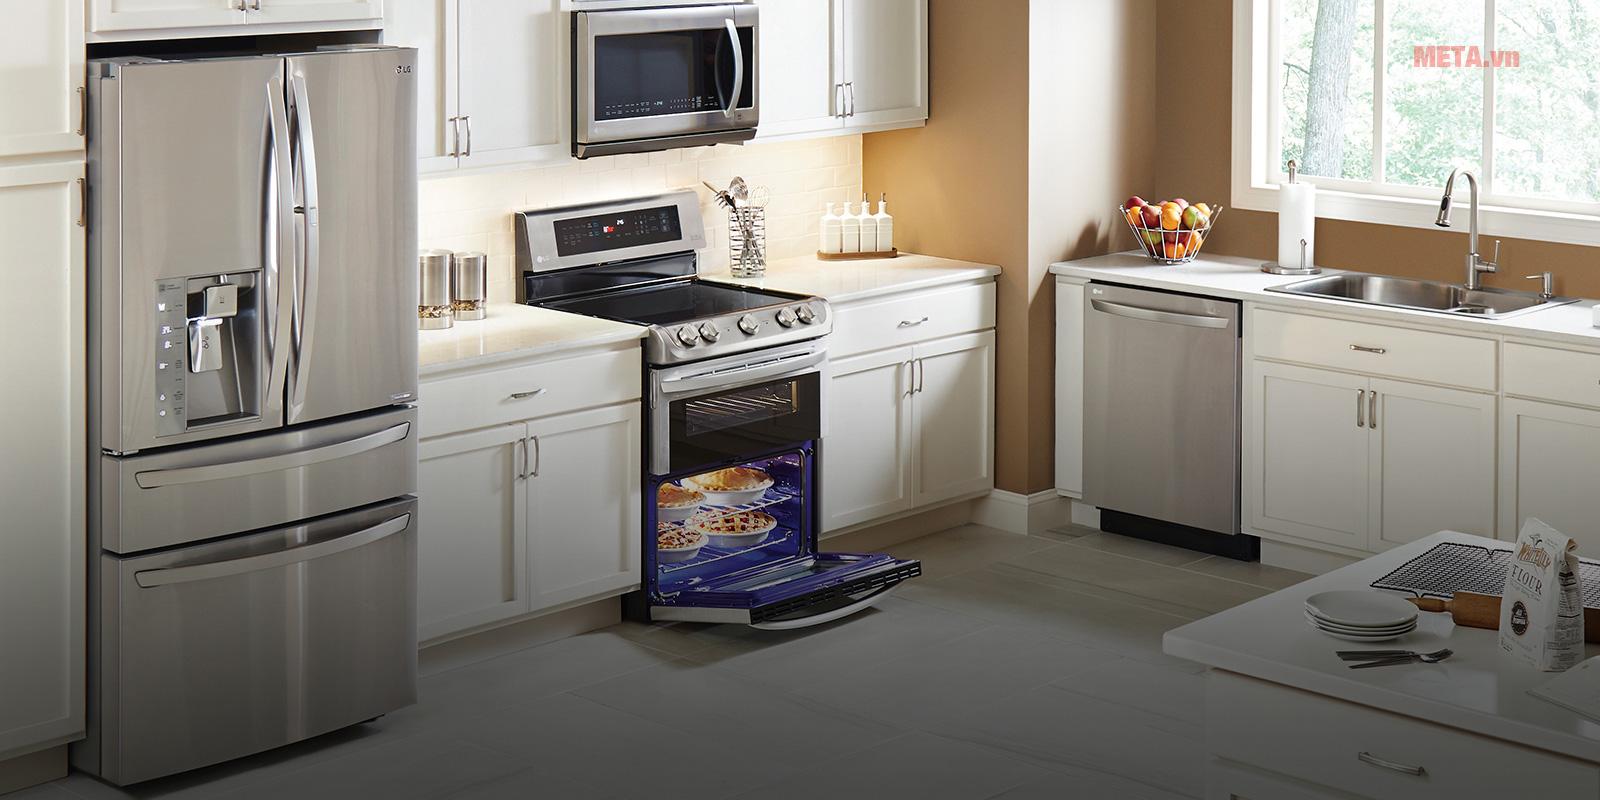 Tủ lạnh Side by side là gì? Dùng có tốt không?